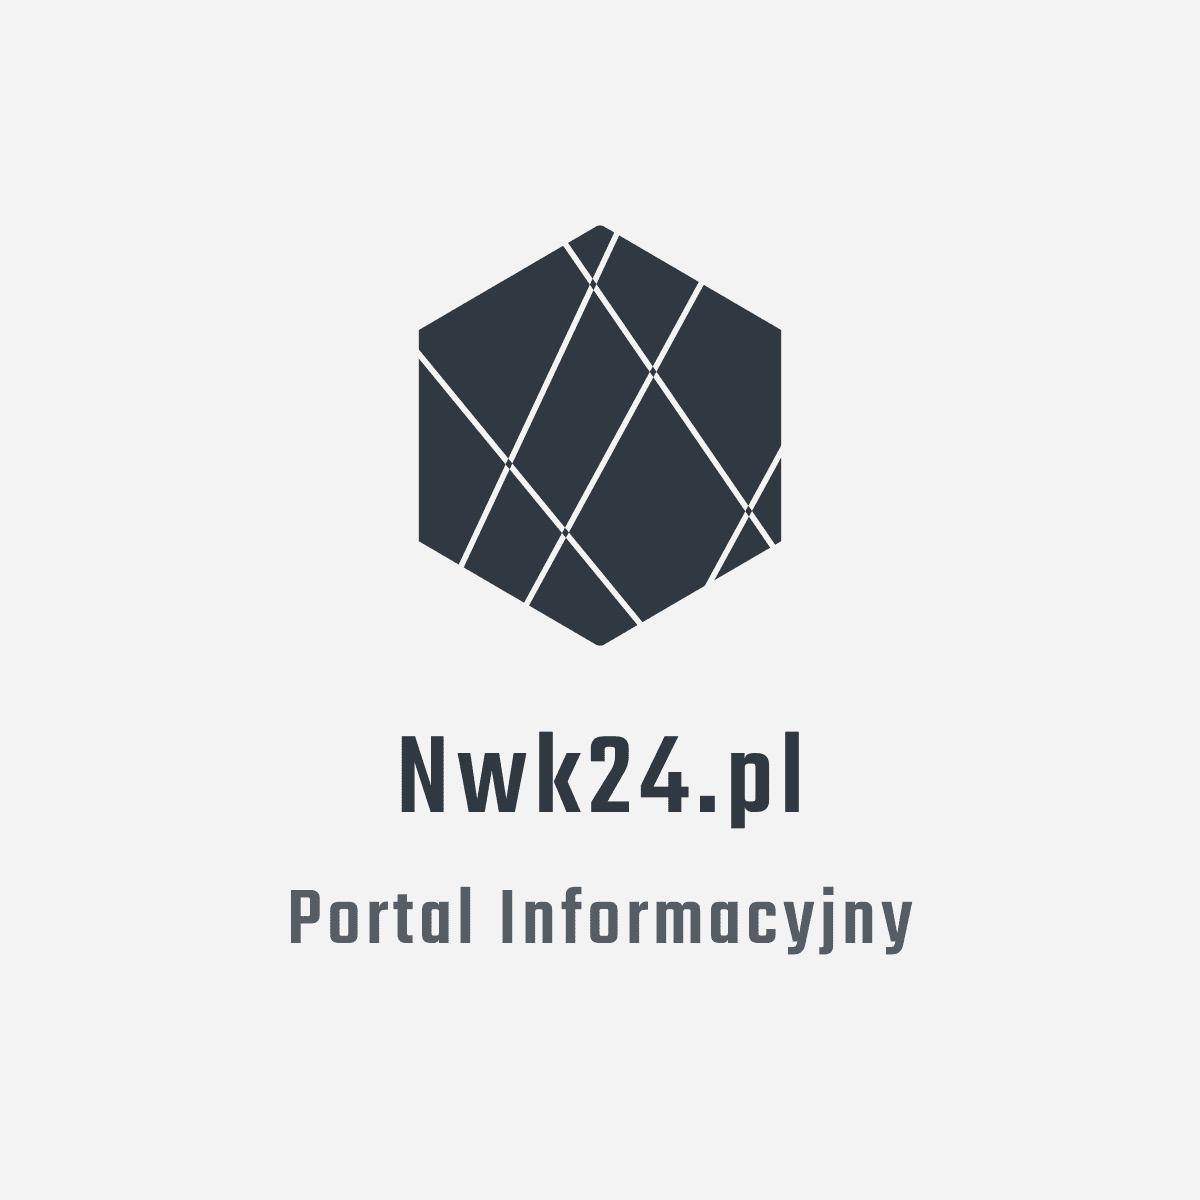 NWK24 – PORTAL INFORMACYJNY